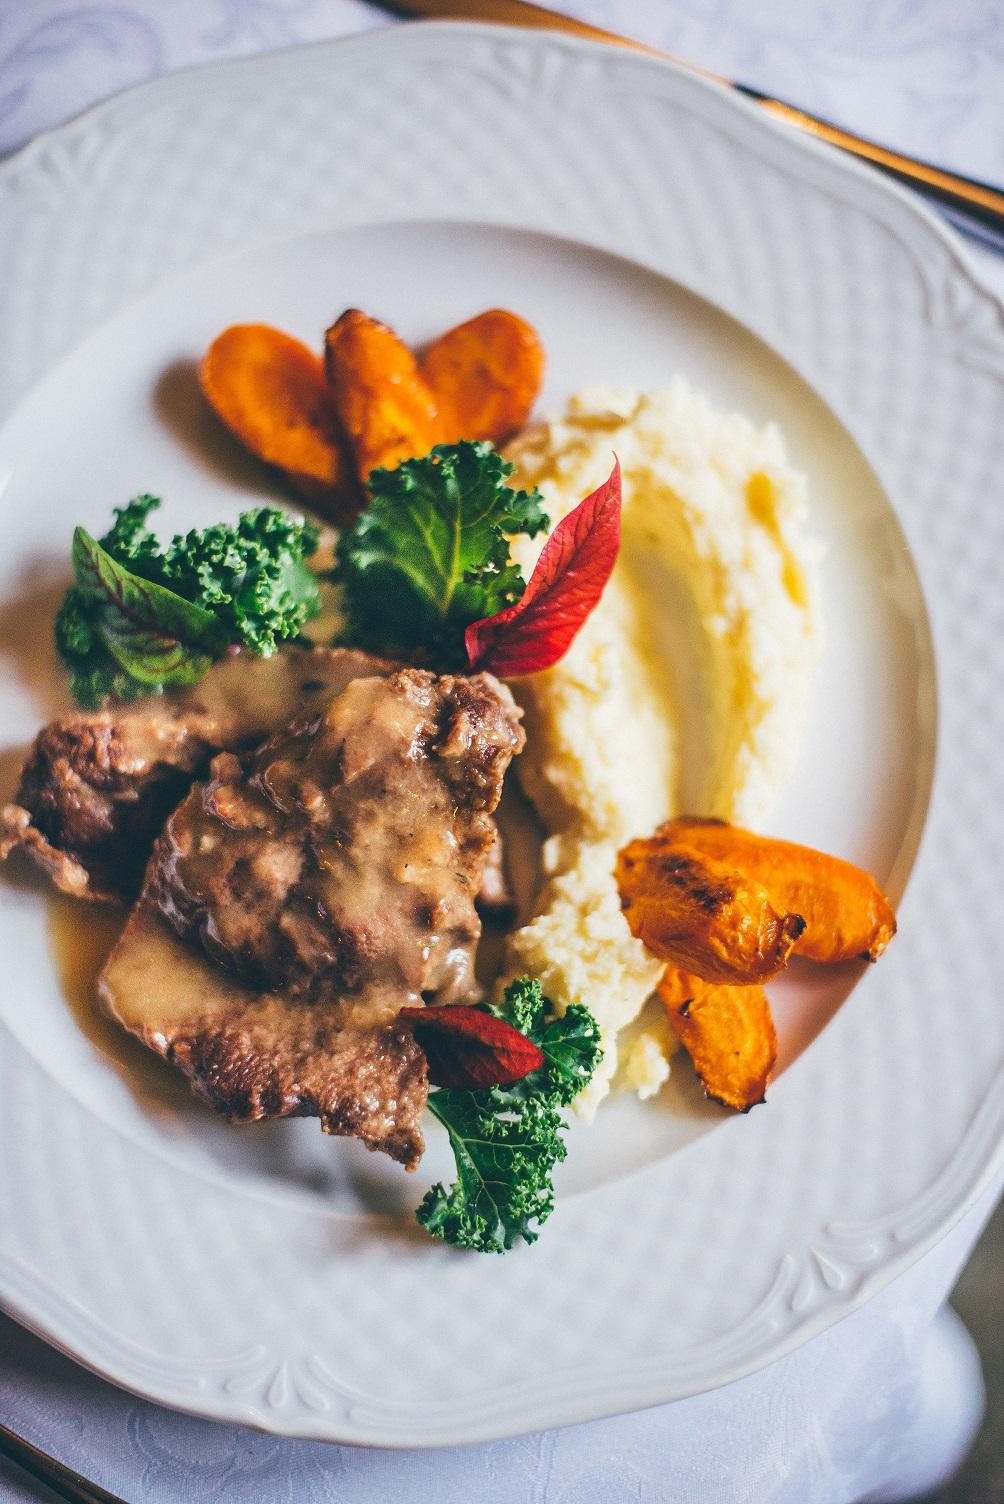 Zamek Krokowa 17 1 - Cuisine of the castle in Krokowa